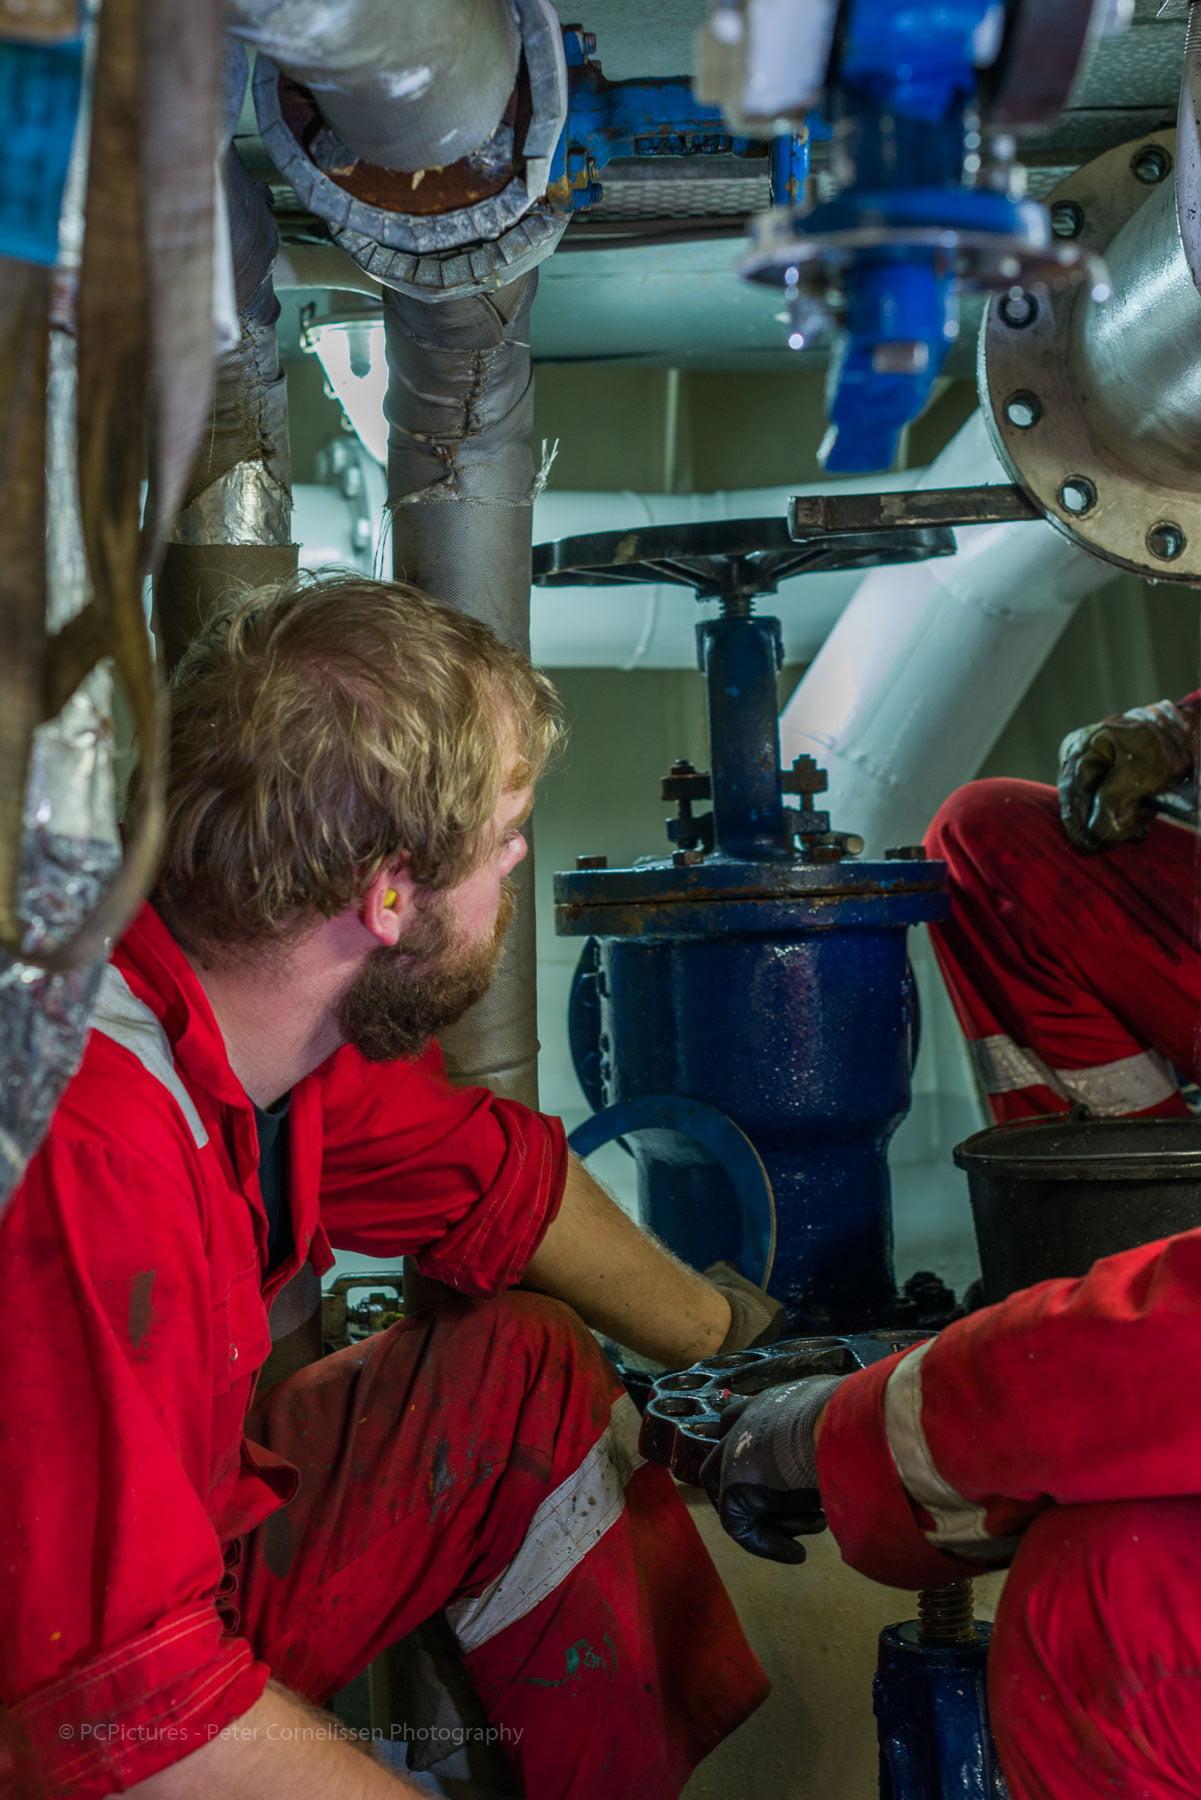 Rob van Veen, apprentice, drills, leerling, pcpictures.nl, stagiere